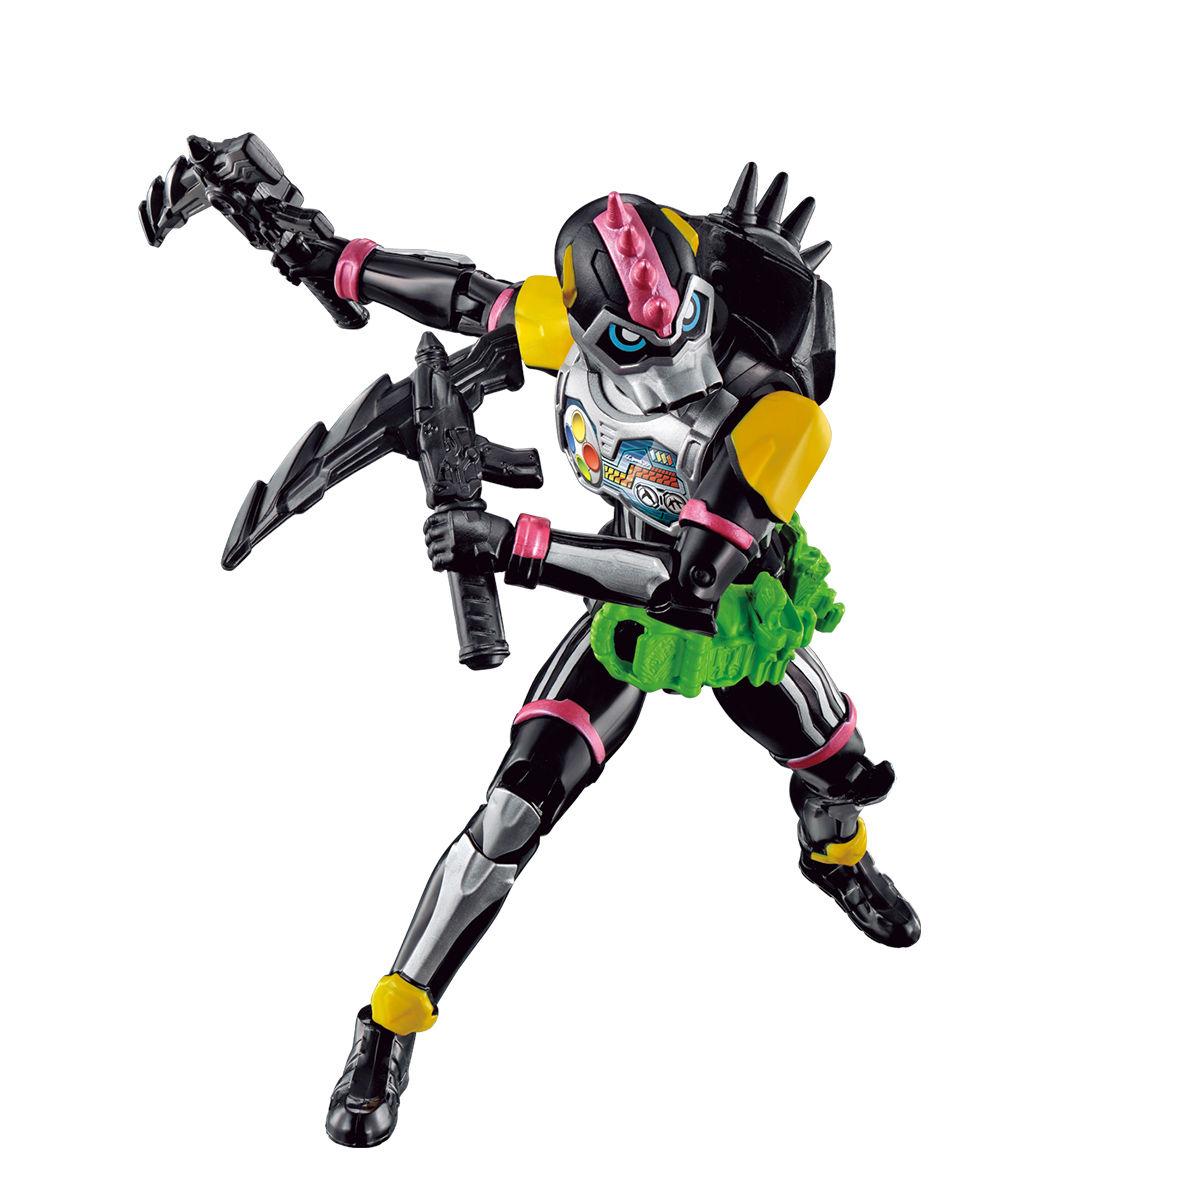 RKFレジェンドライダーシリーズ『仮面ライダーレーザーターボ バイクゲーマー レベル0』可動フィギュア-002